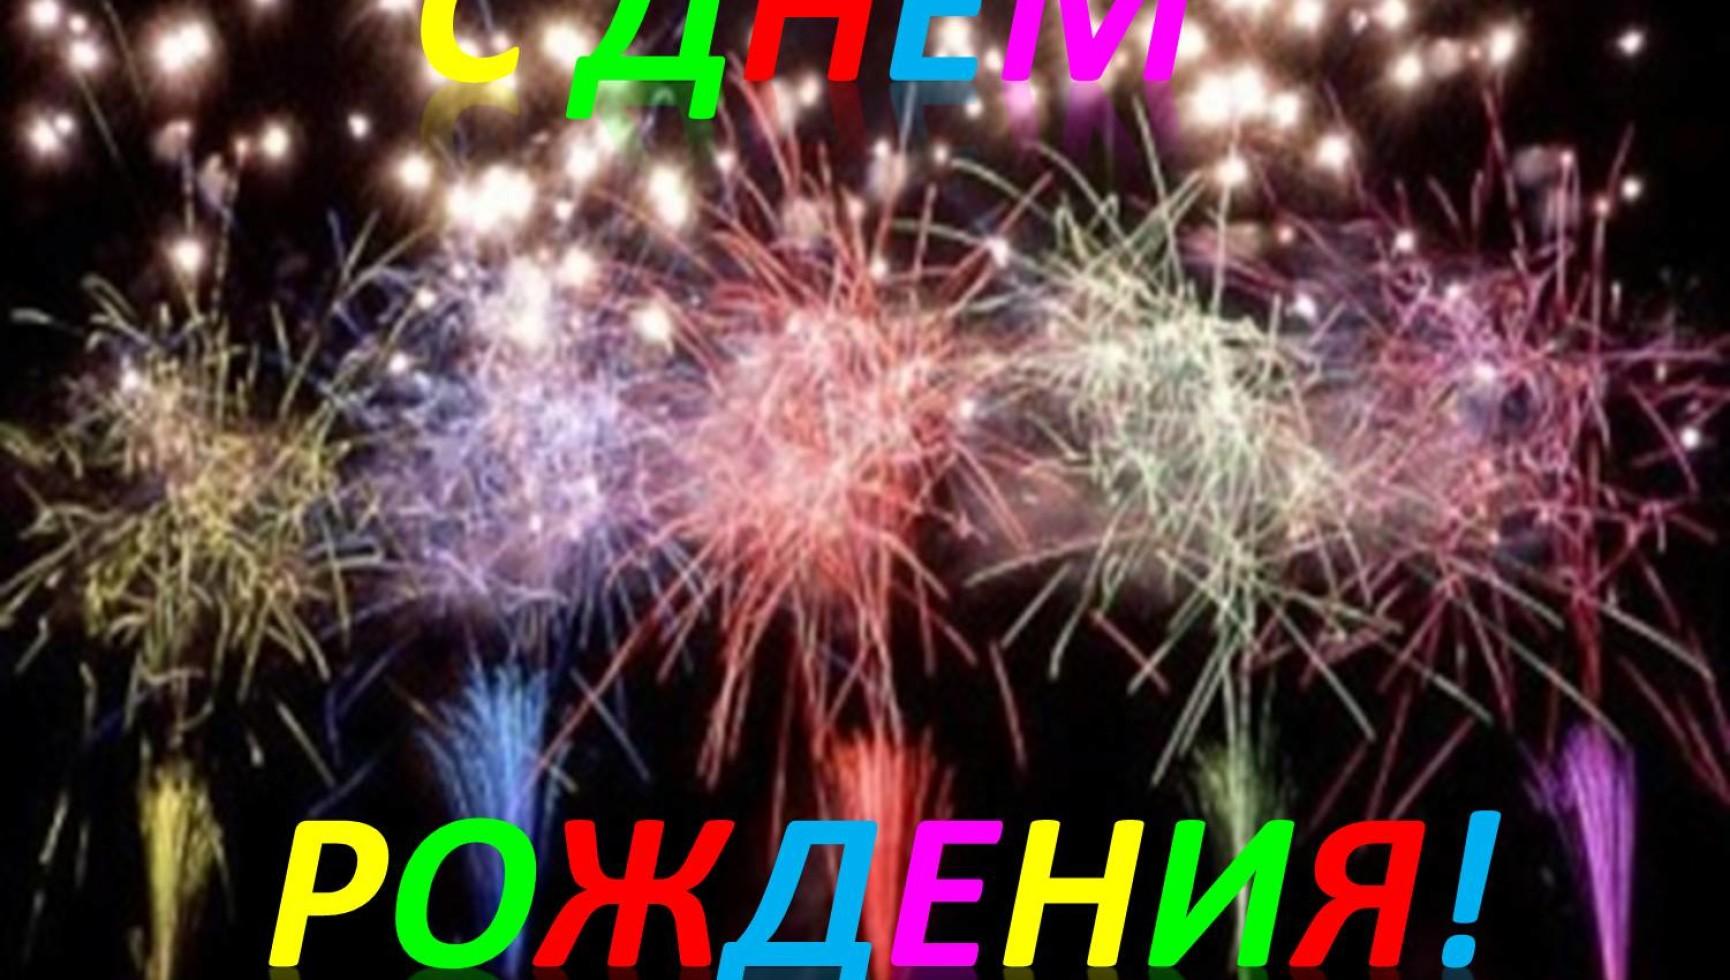 Поздравляем с Днем рождения главу администрации муниципального образования Плавский район Бородина Александра Васильевича